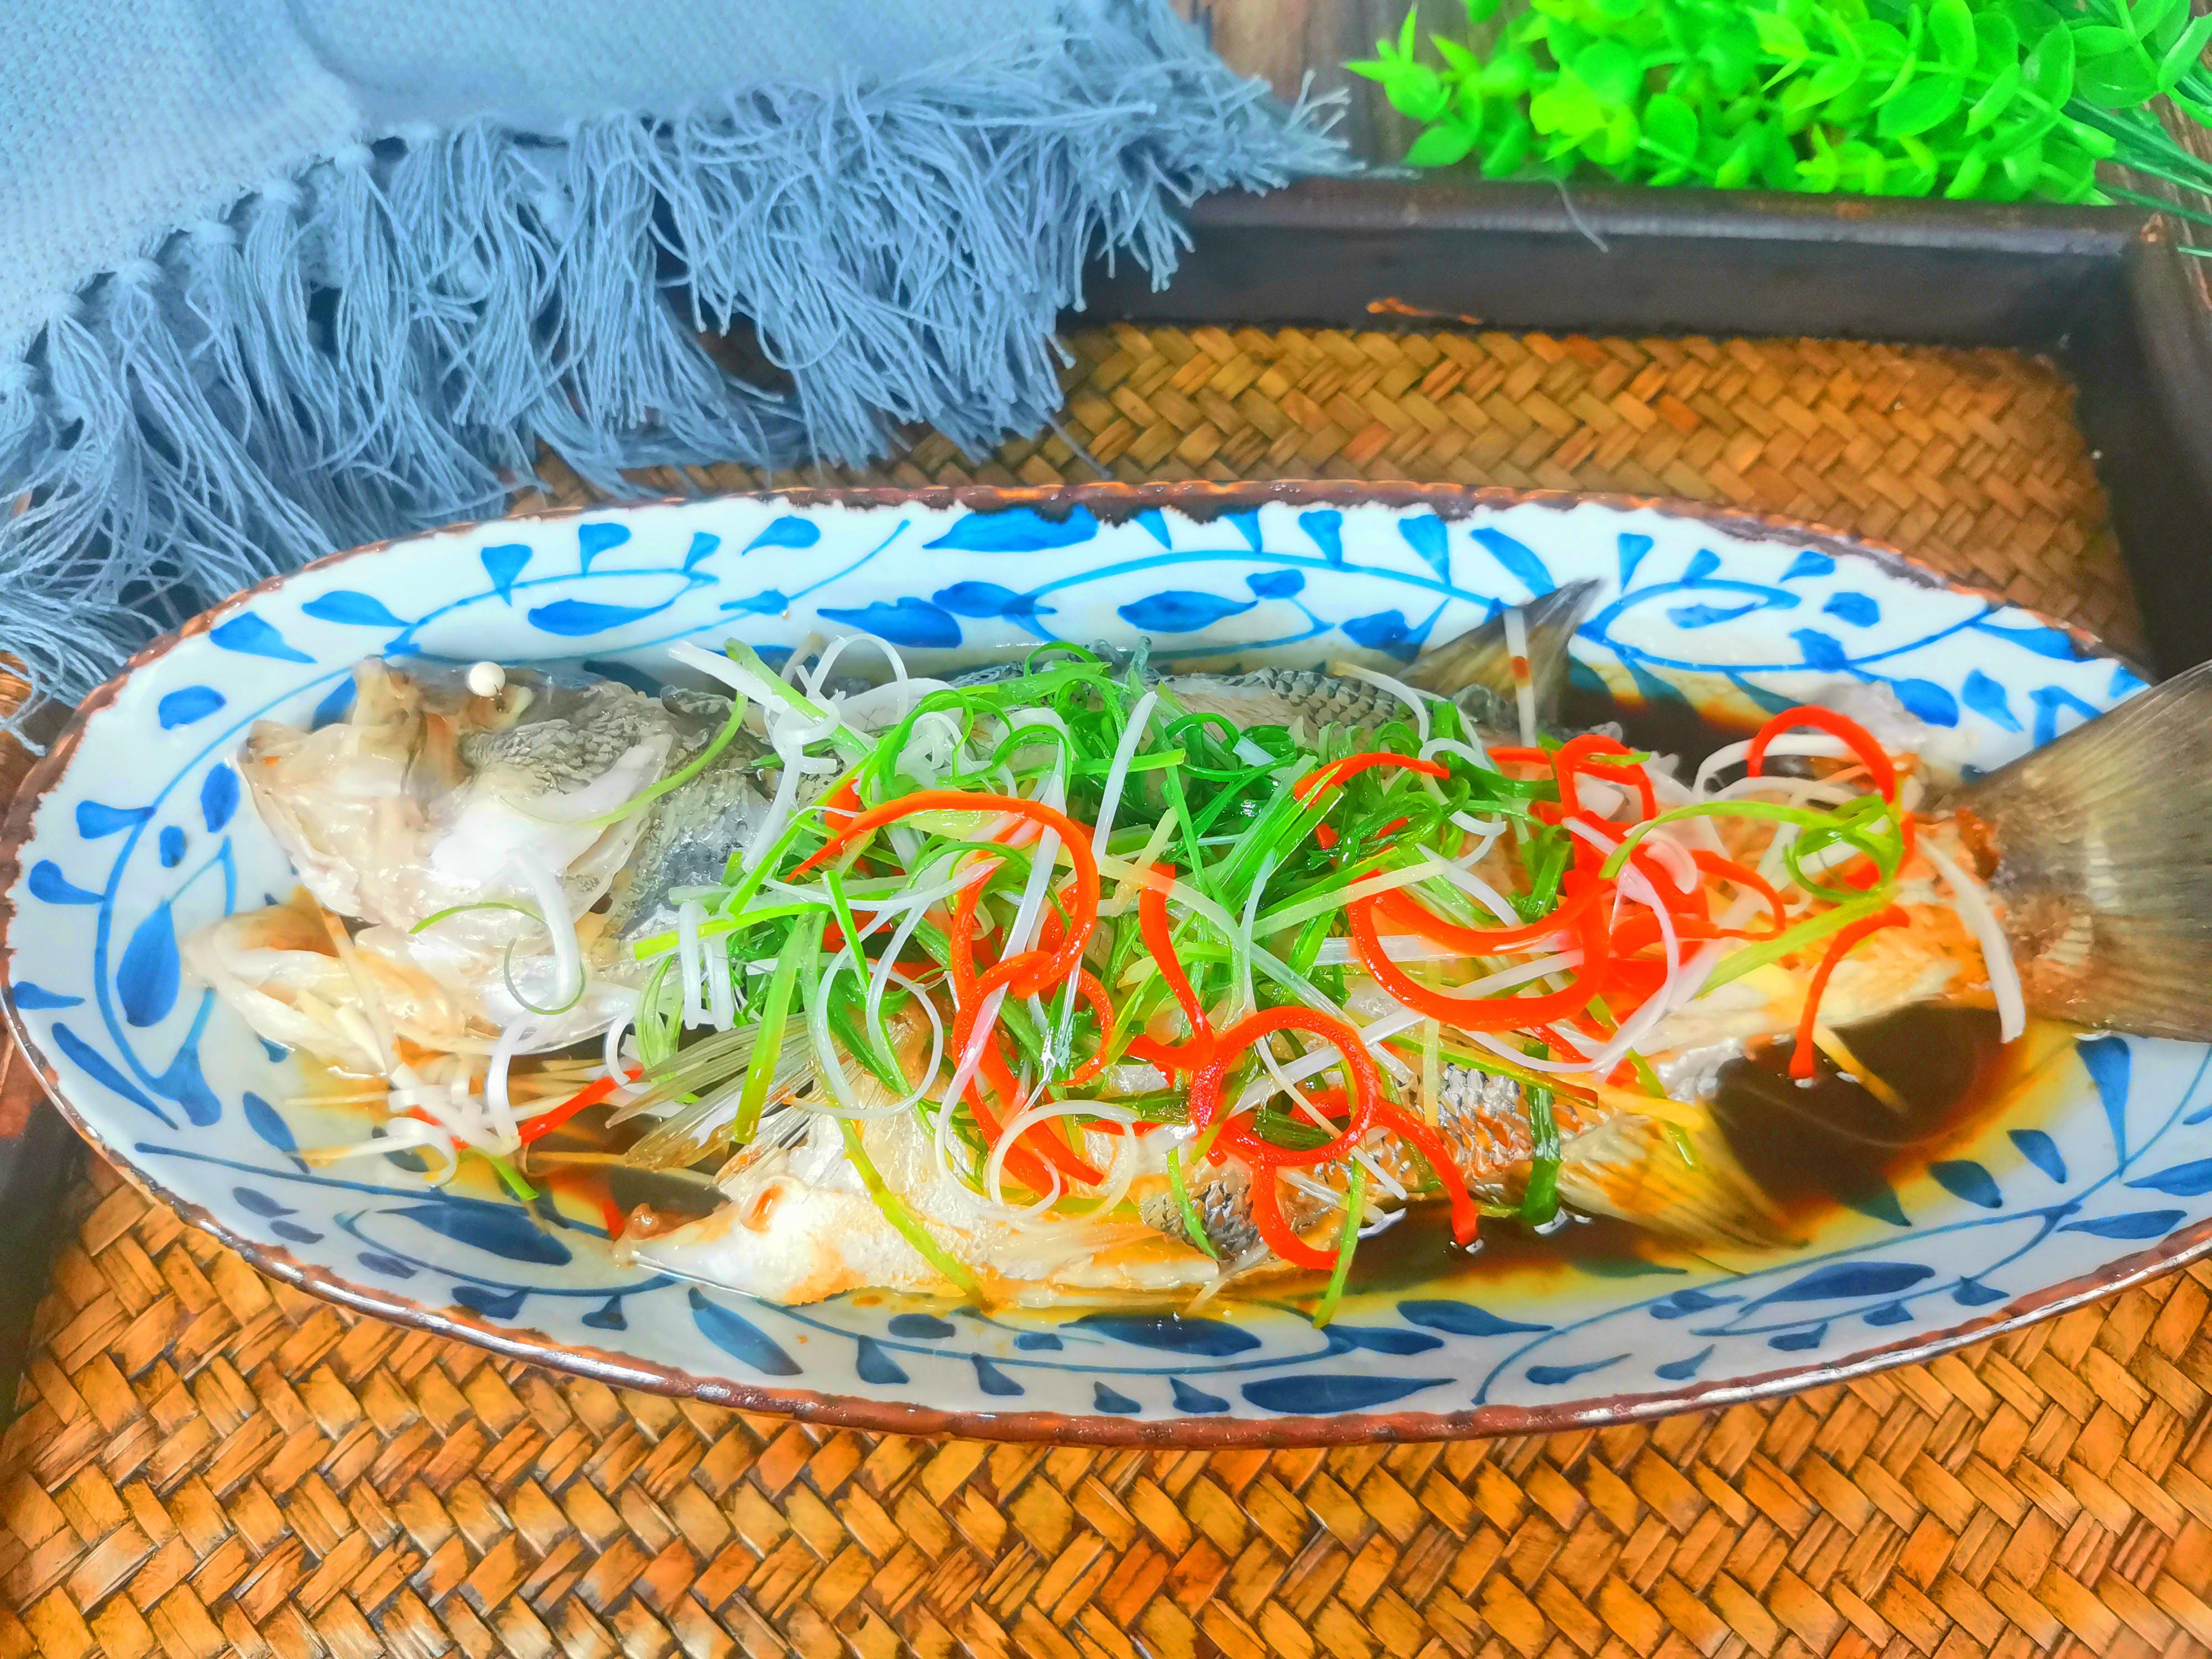 清蒸鲈鱼,最忌放盐和料酒,诀窍告诉你,鱼肉鲜嫩好吃,不腥不柴